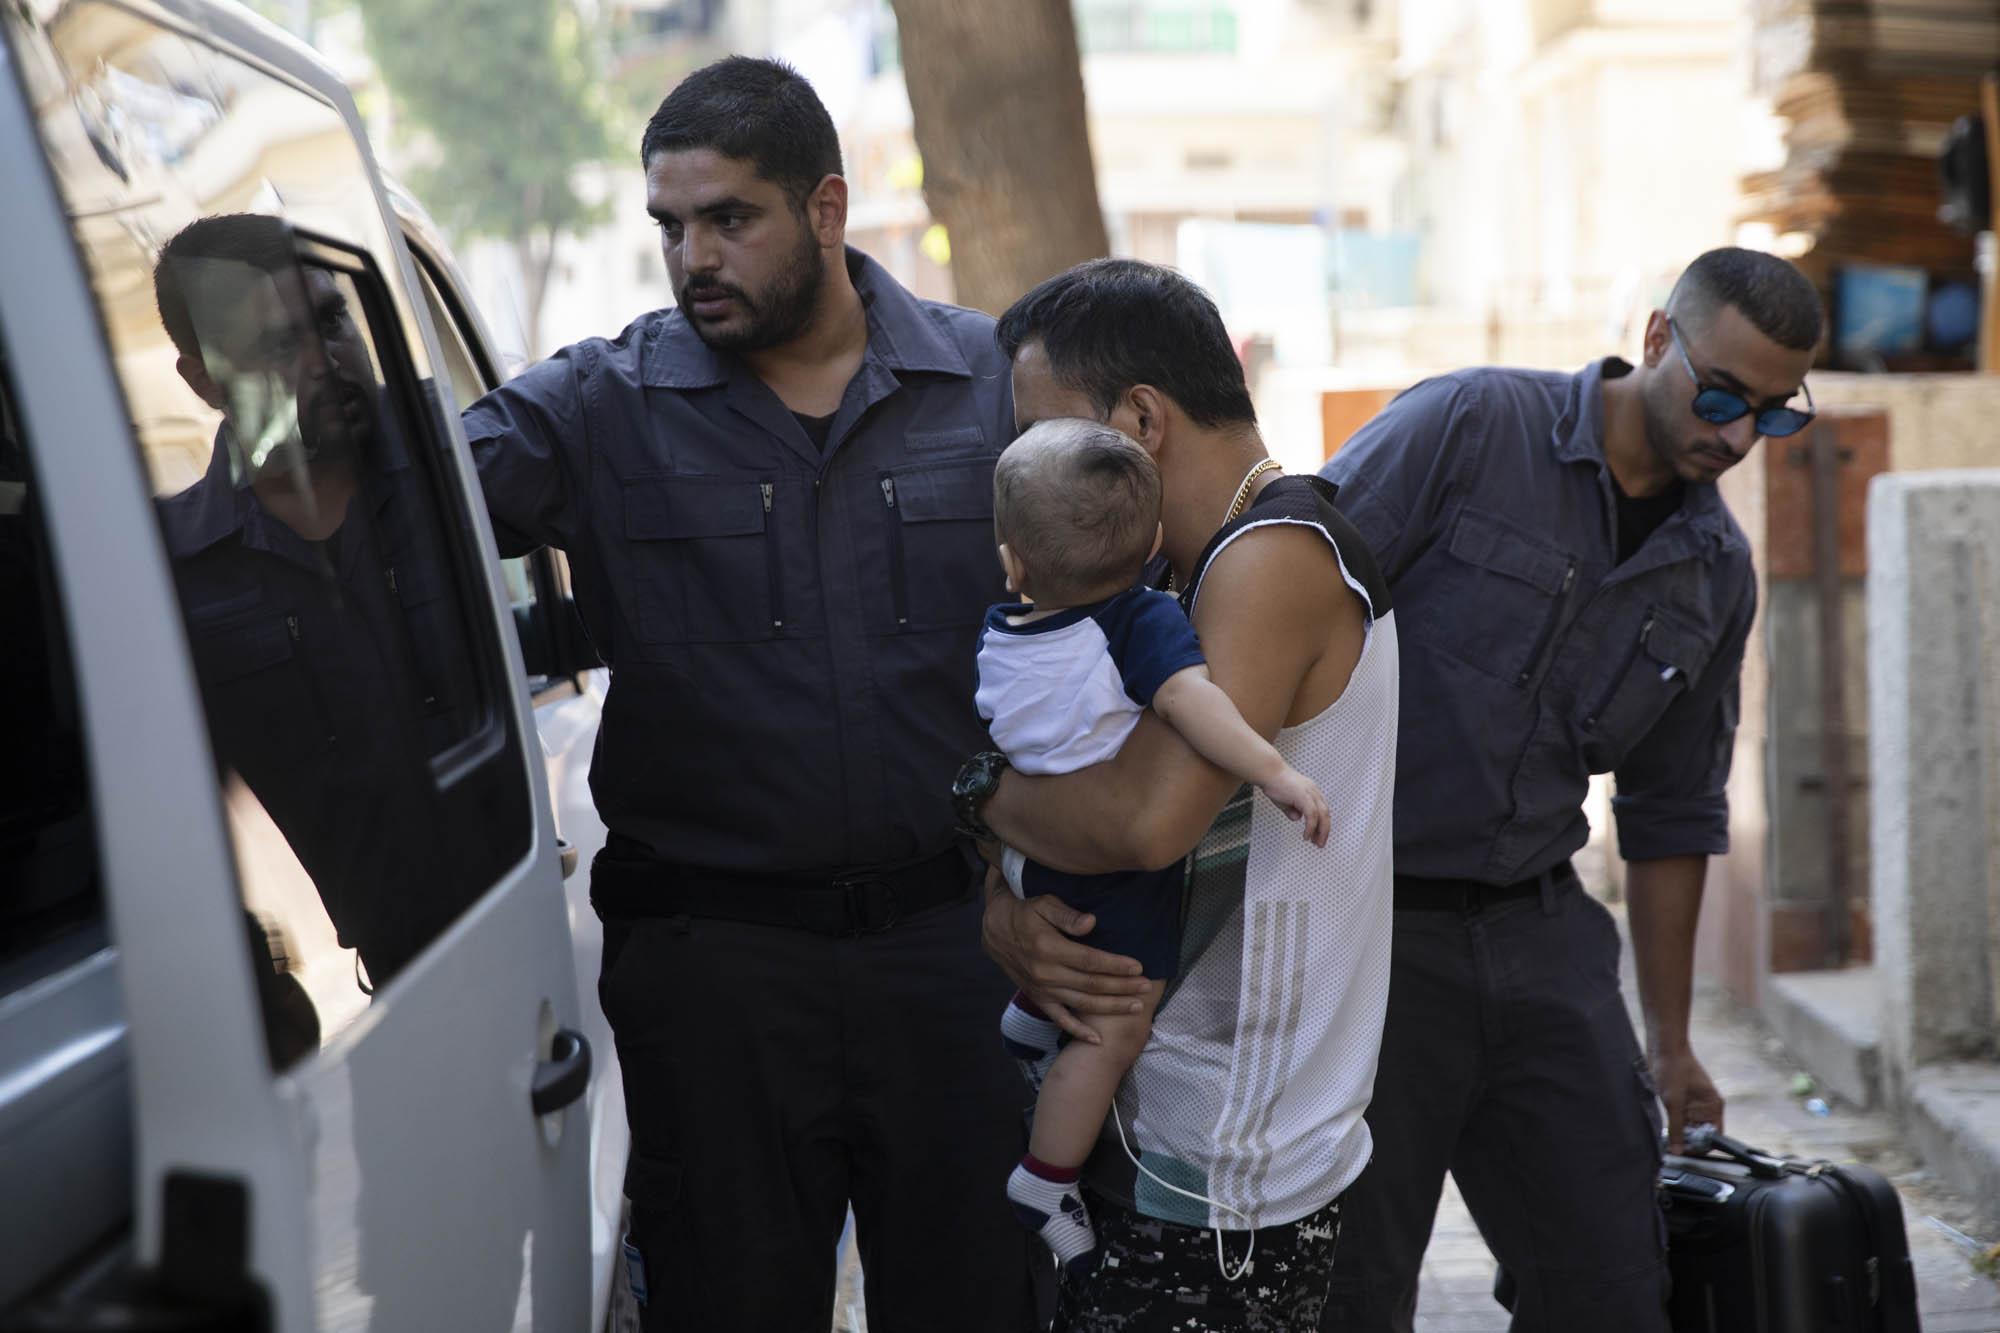 מעצרים של מהגרי עבודה בדרום תל אביב (צילום: אורן זיו/אקטיבסטילס)